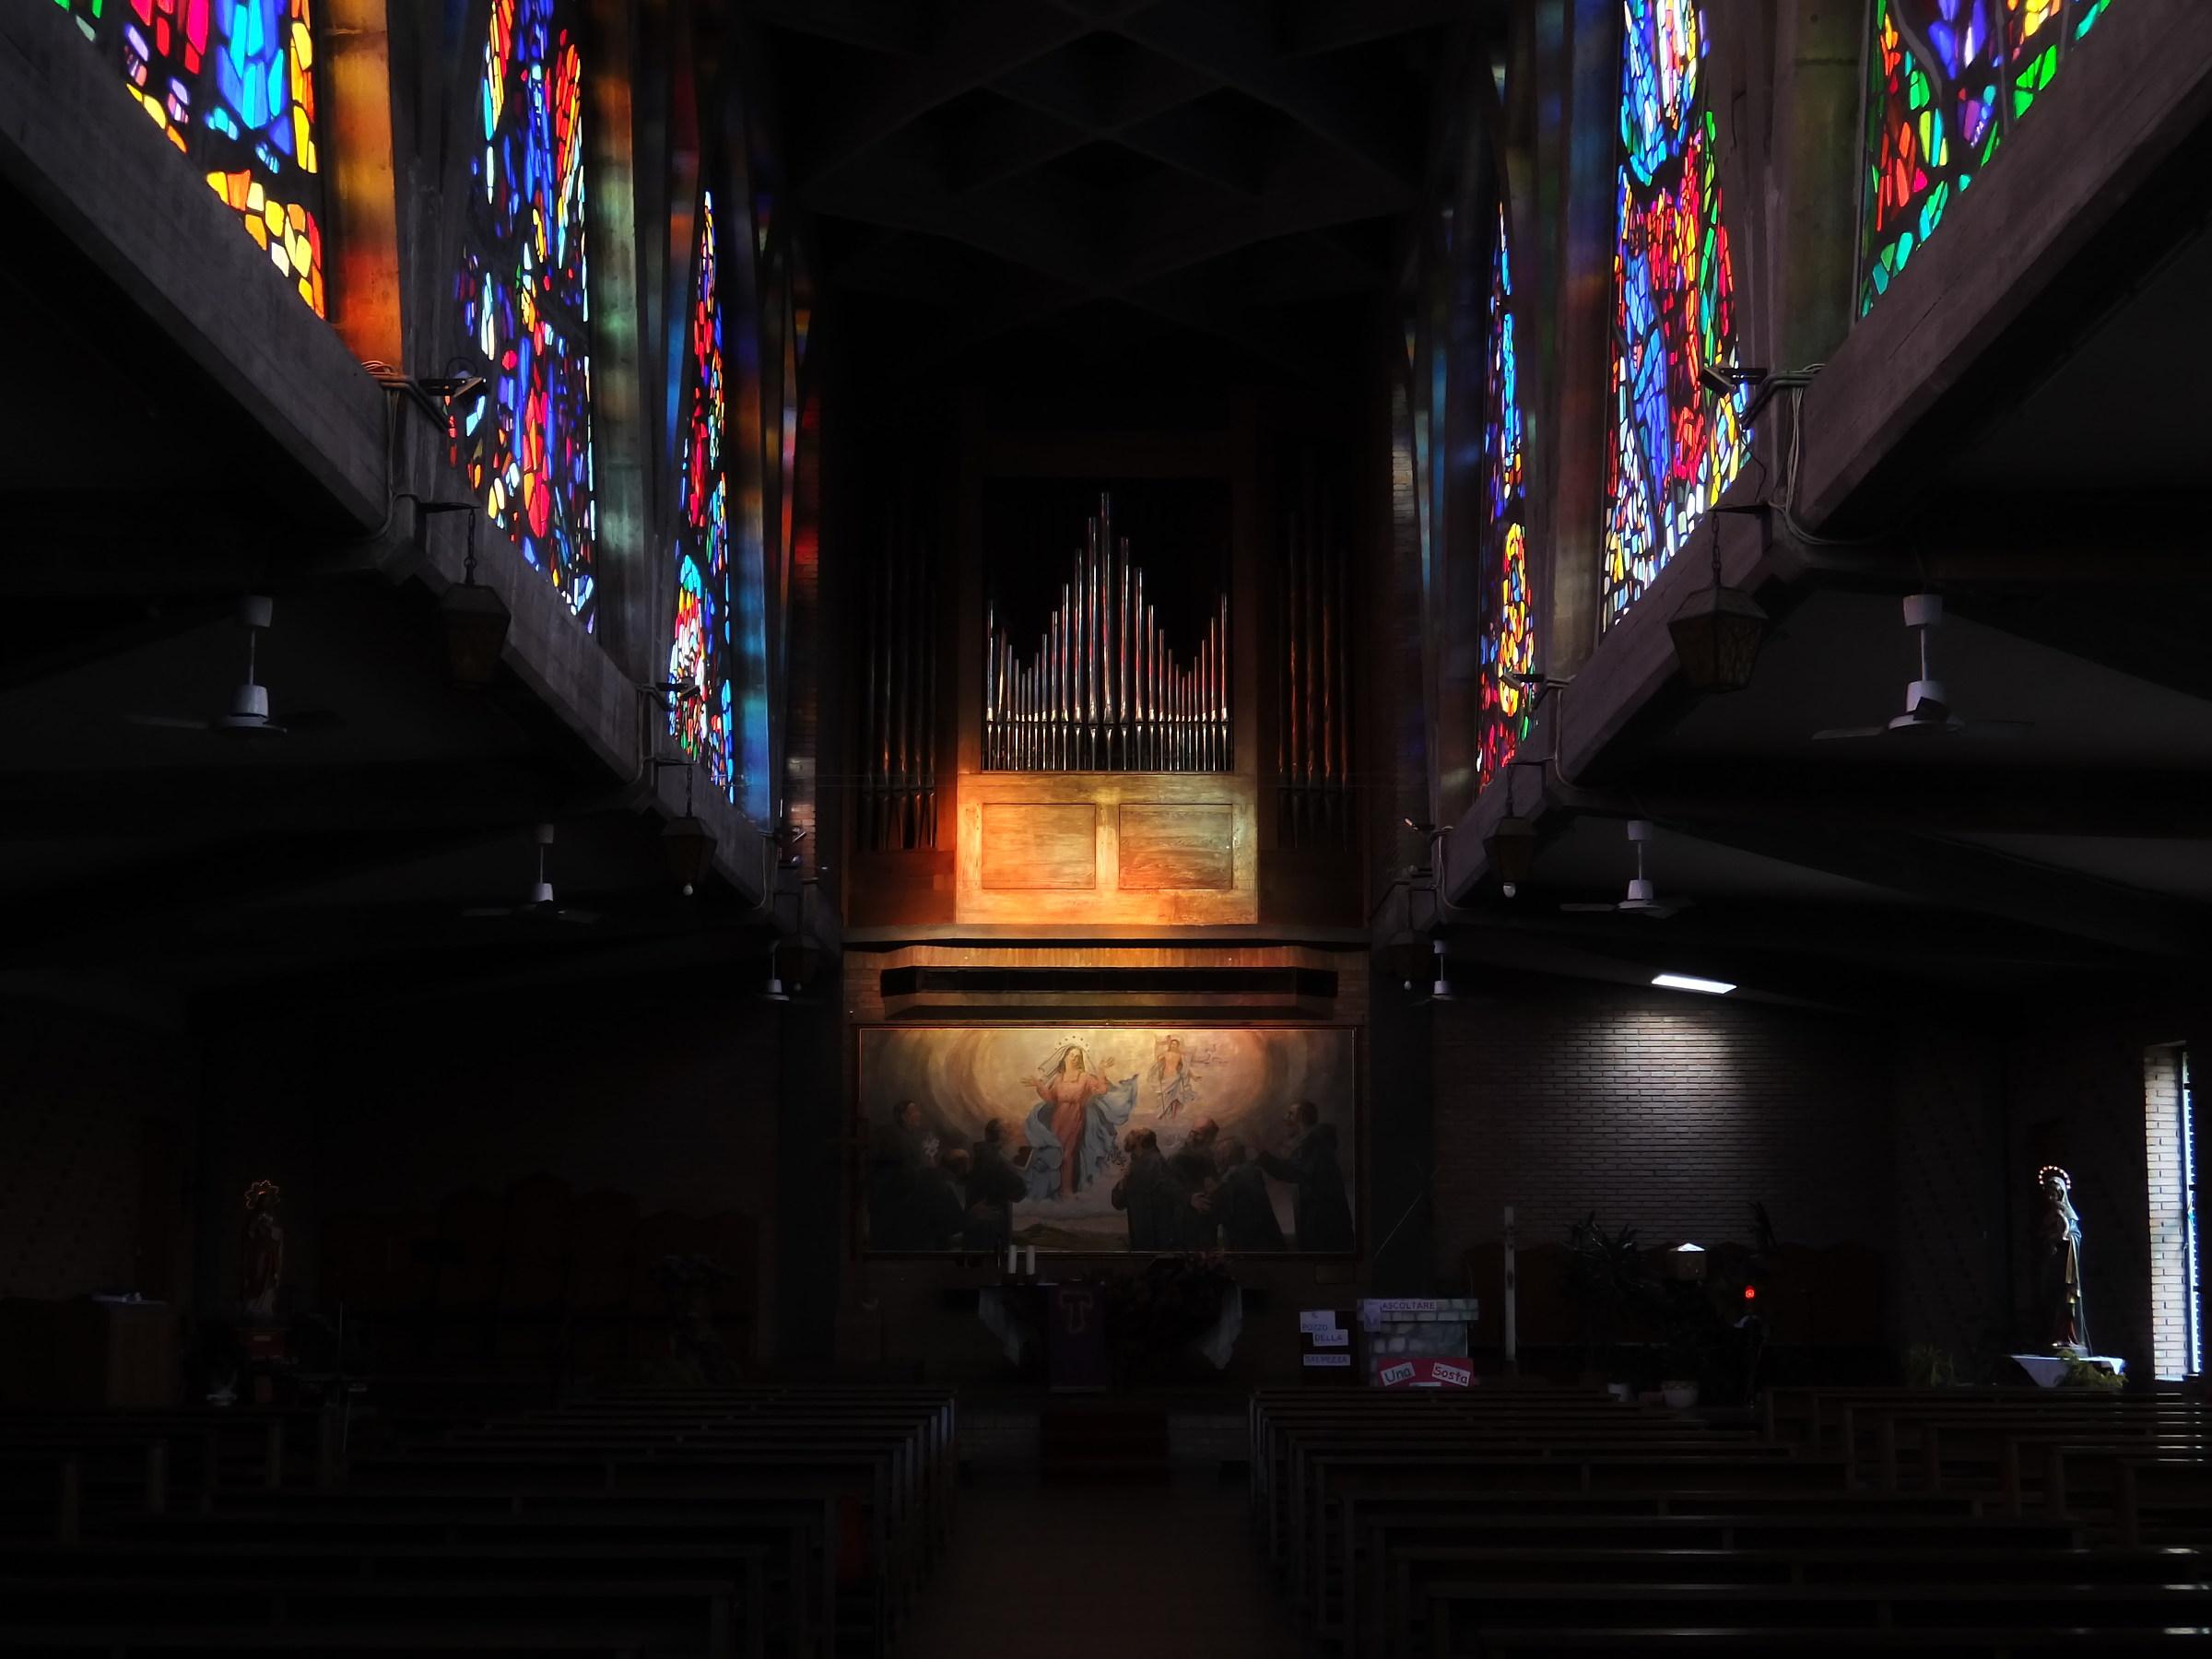 Chiesa_interni_AN_02...